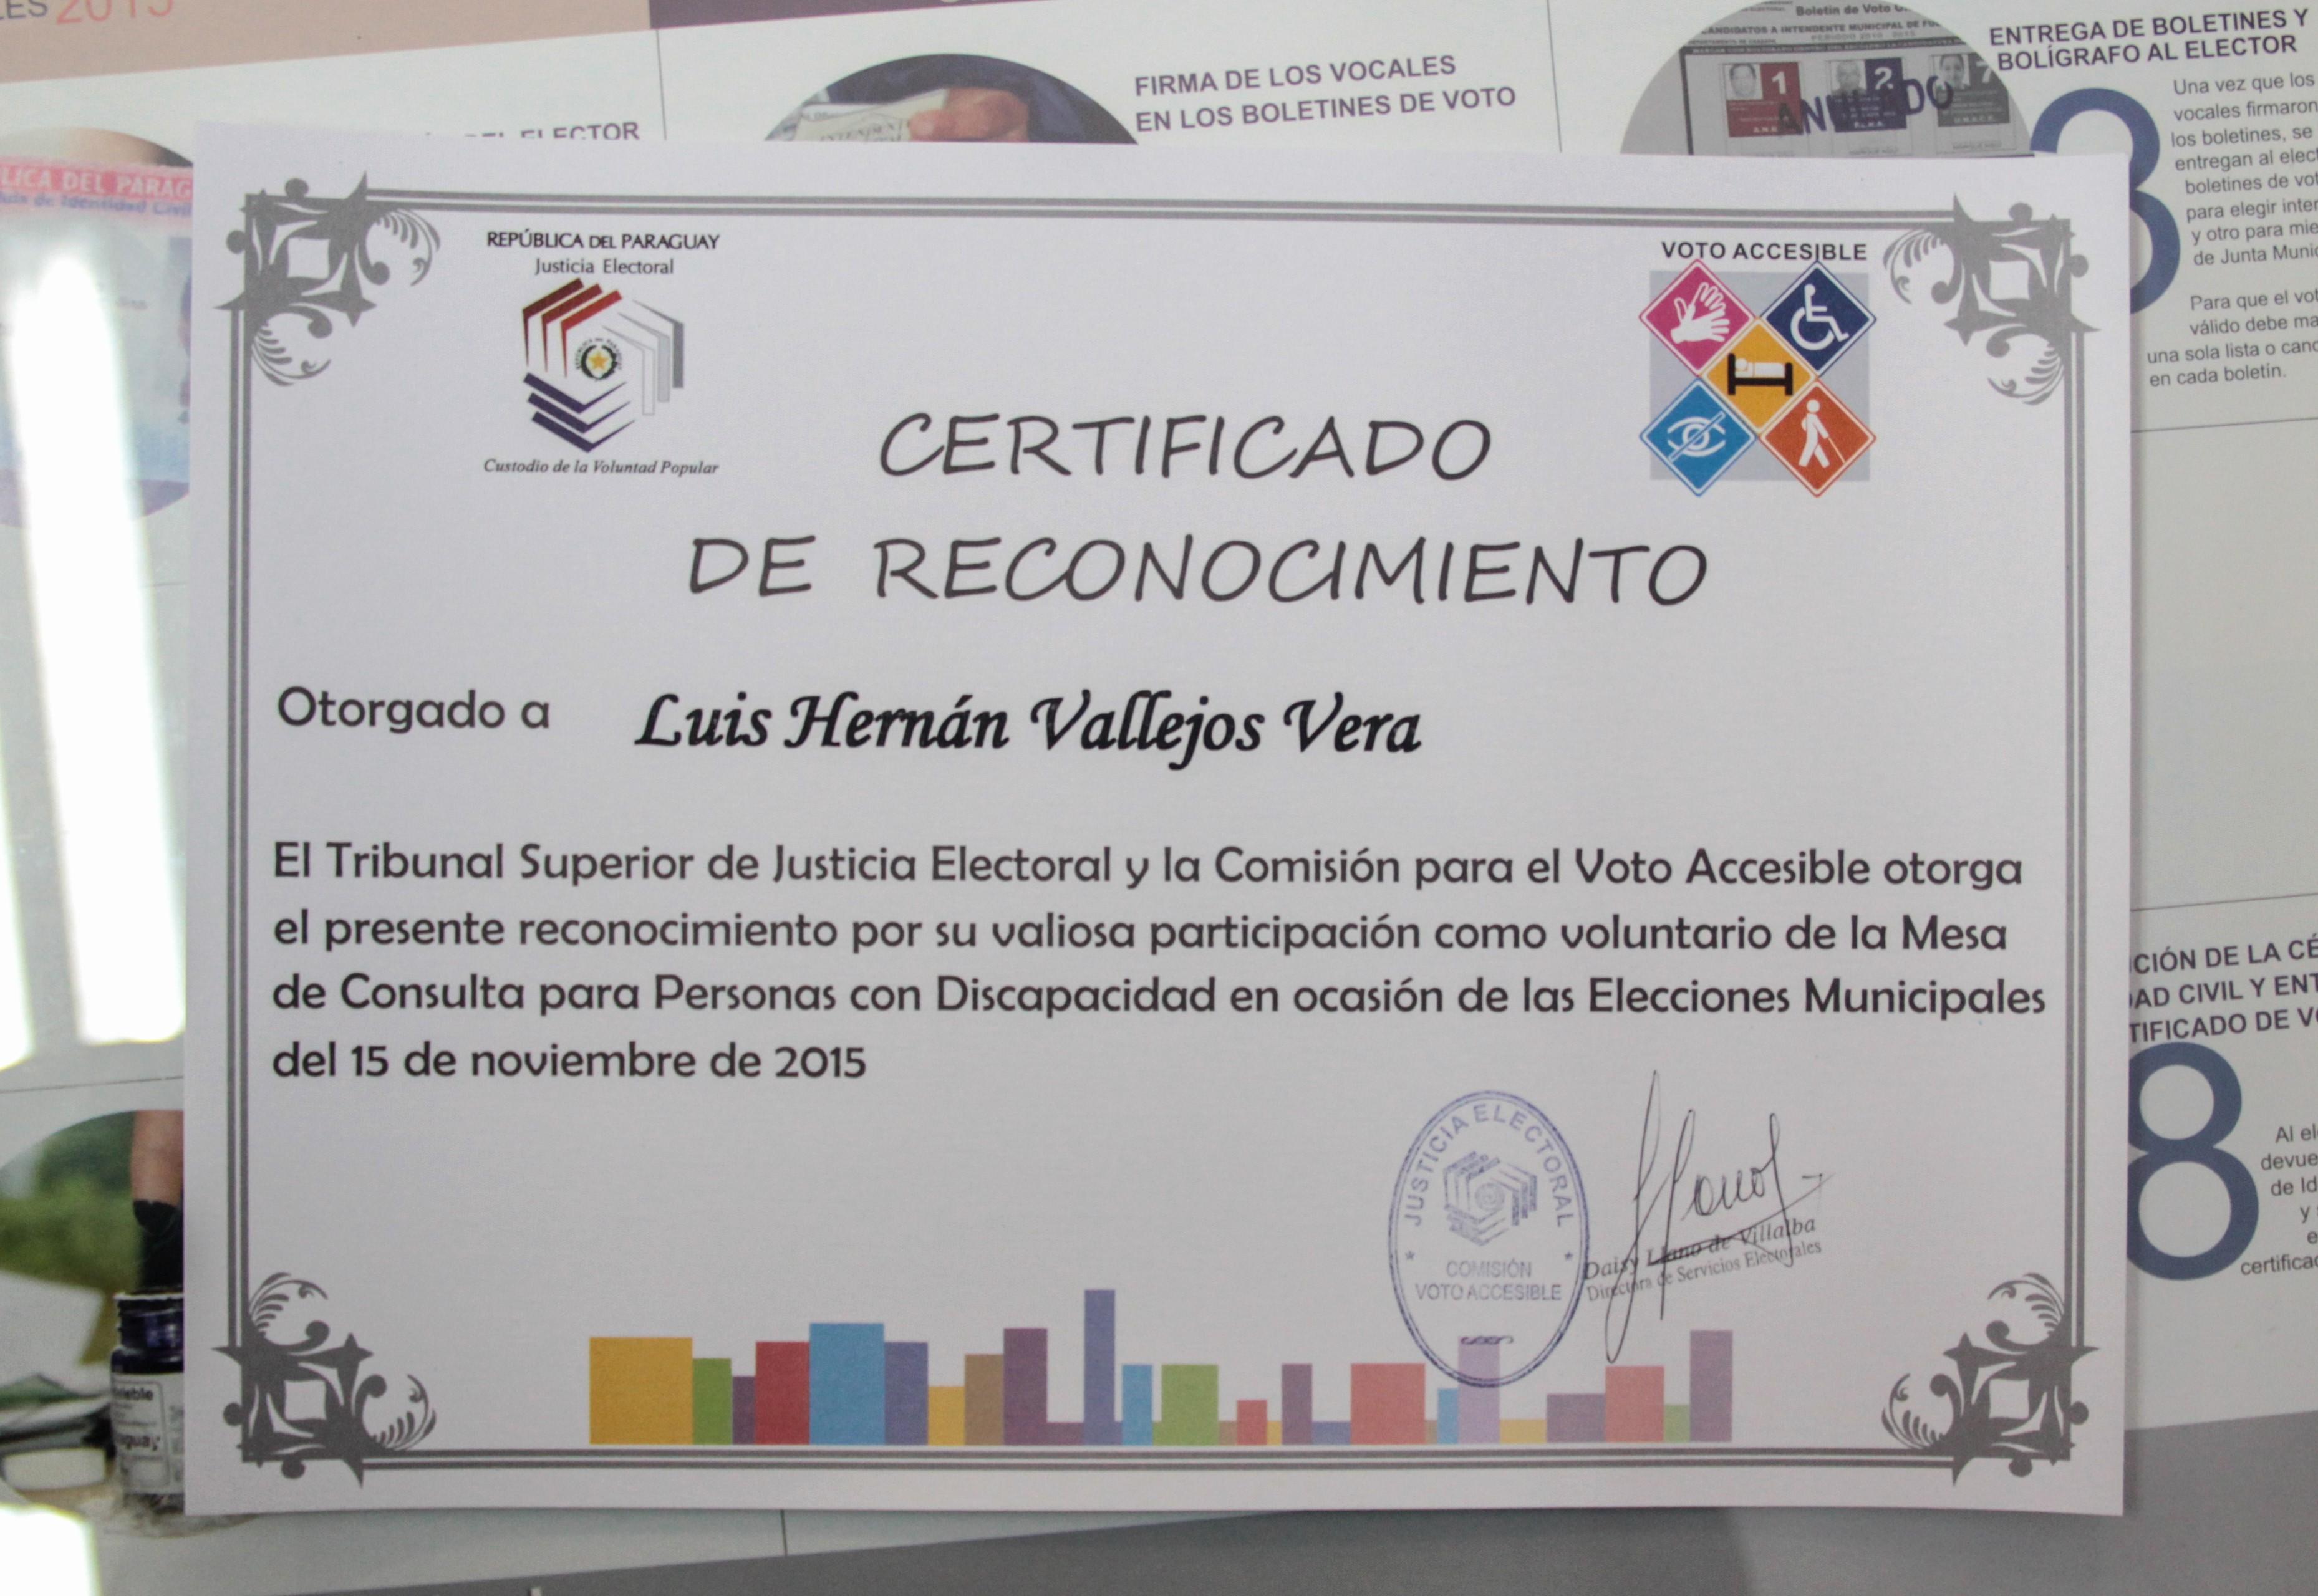 Certificado De Agradecimiento Y Apreciacion Inspirational Certificados De Agradecimiento Maggi Locustdesign